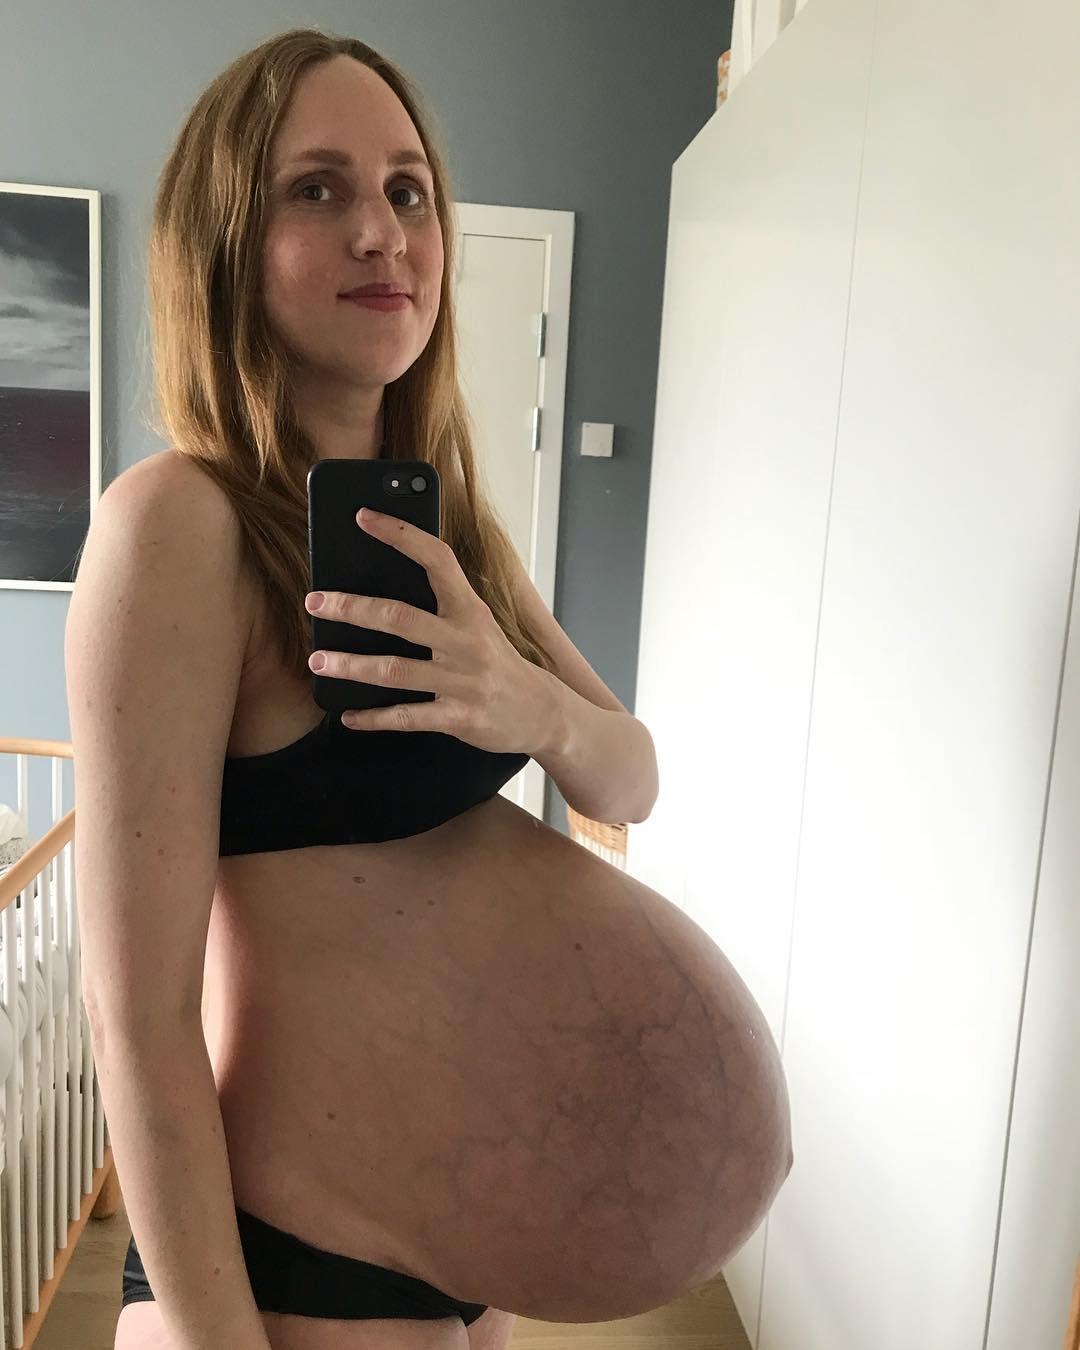 Erratet ihr, wie viele Babys in diesem Bauch sind?